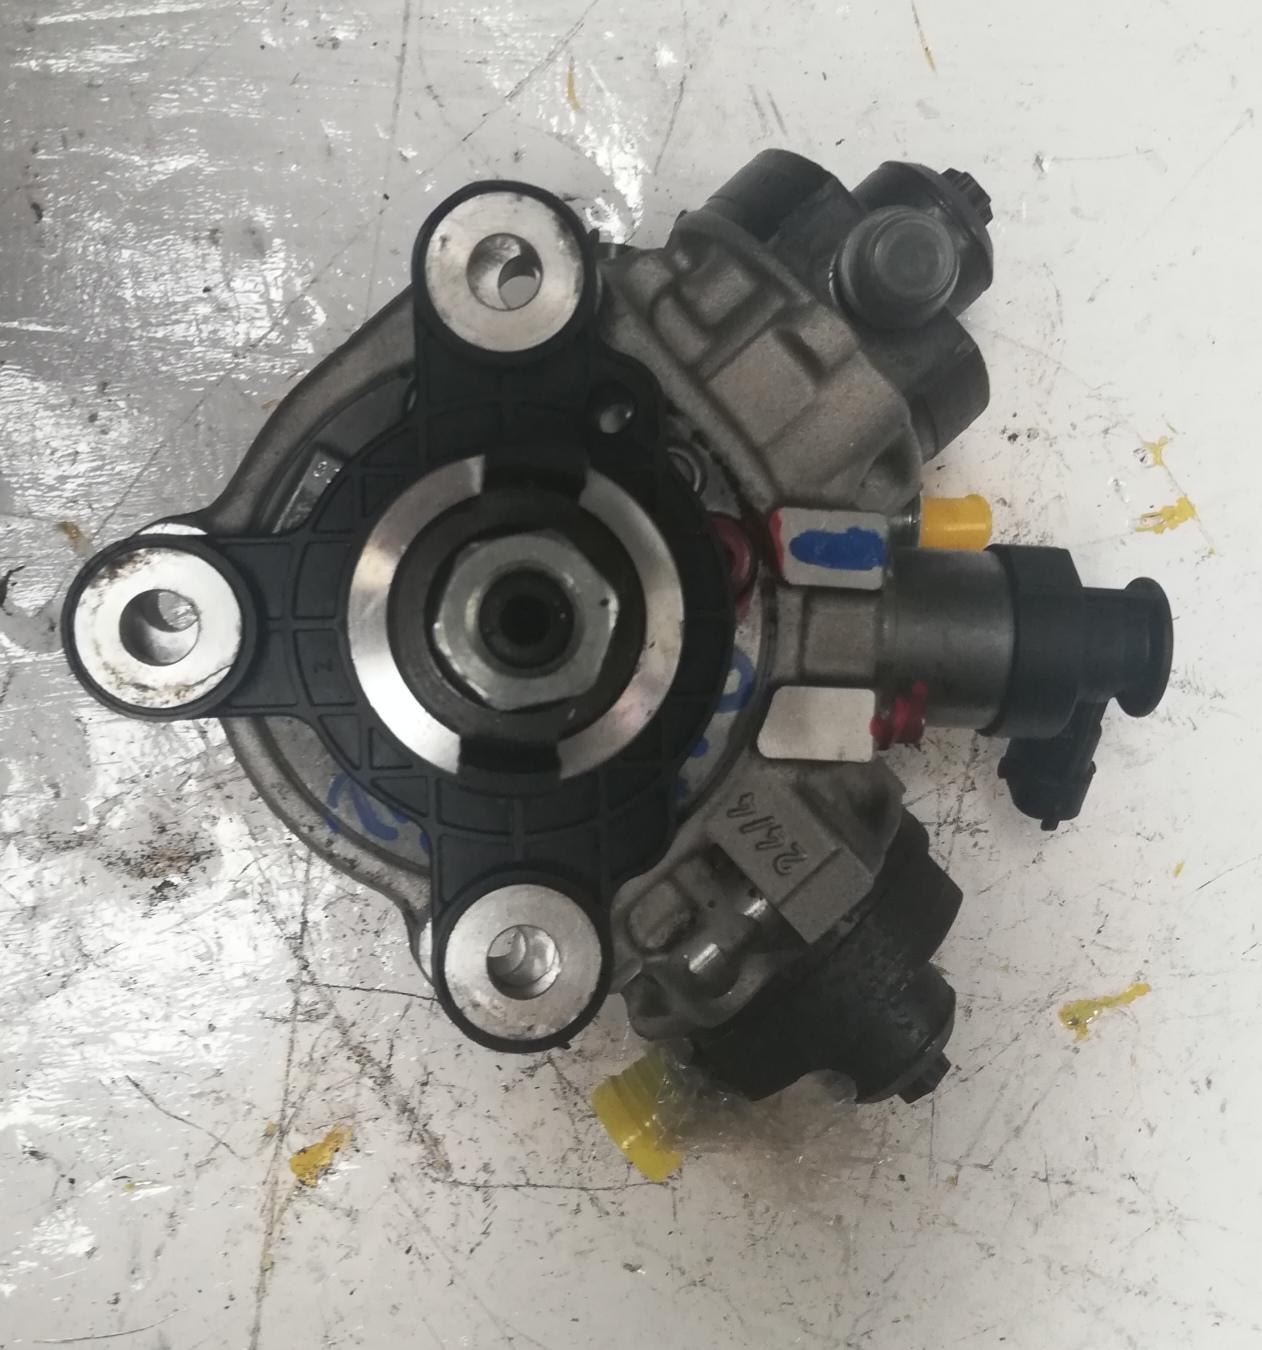 Sprawdzona POMPA WTRYSKOWA VOLVO S60 S80 V60 D3 D5 0445010618